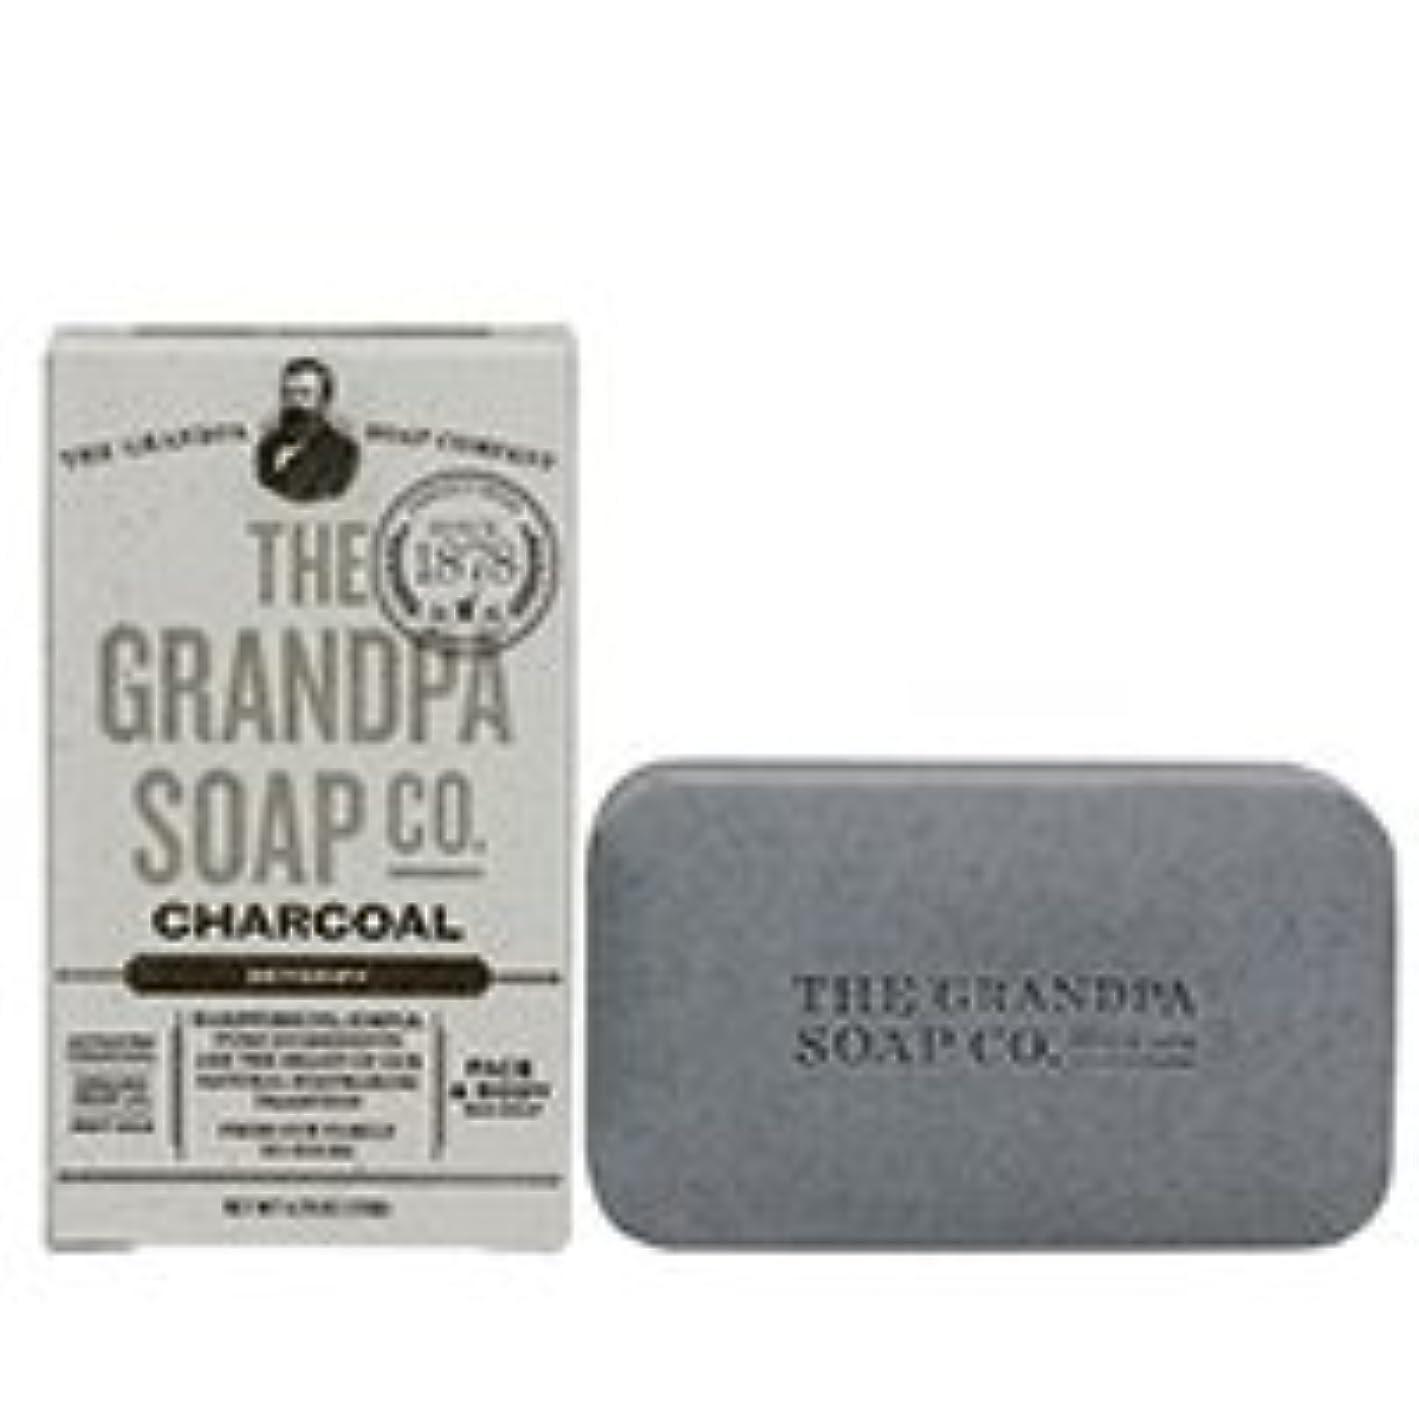 ベリポーズ洗うグランパ チャコールソープ 4.25oz(約120g)2個